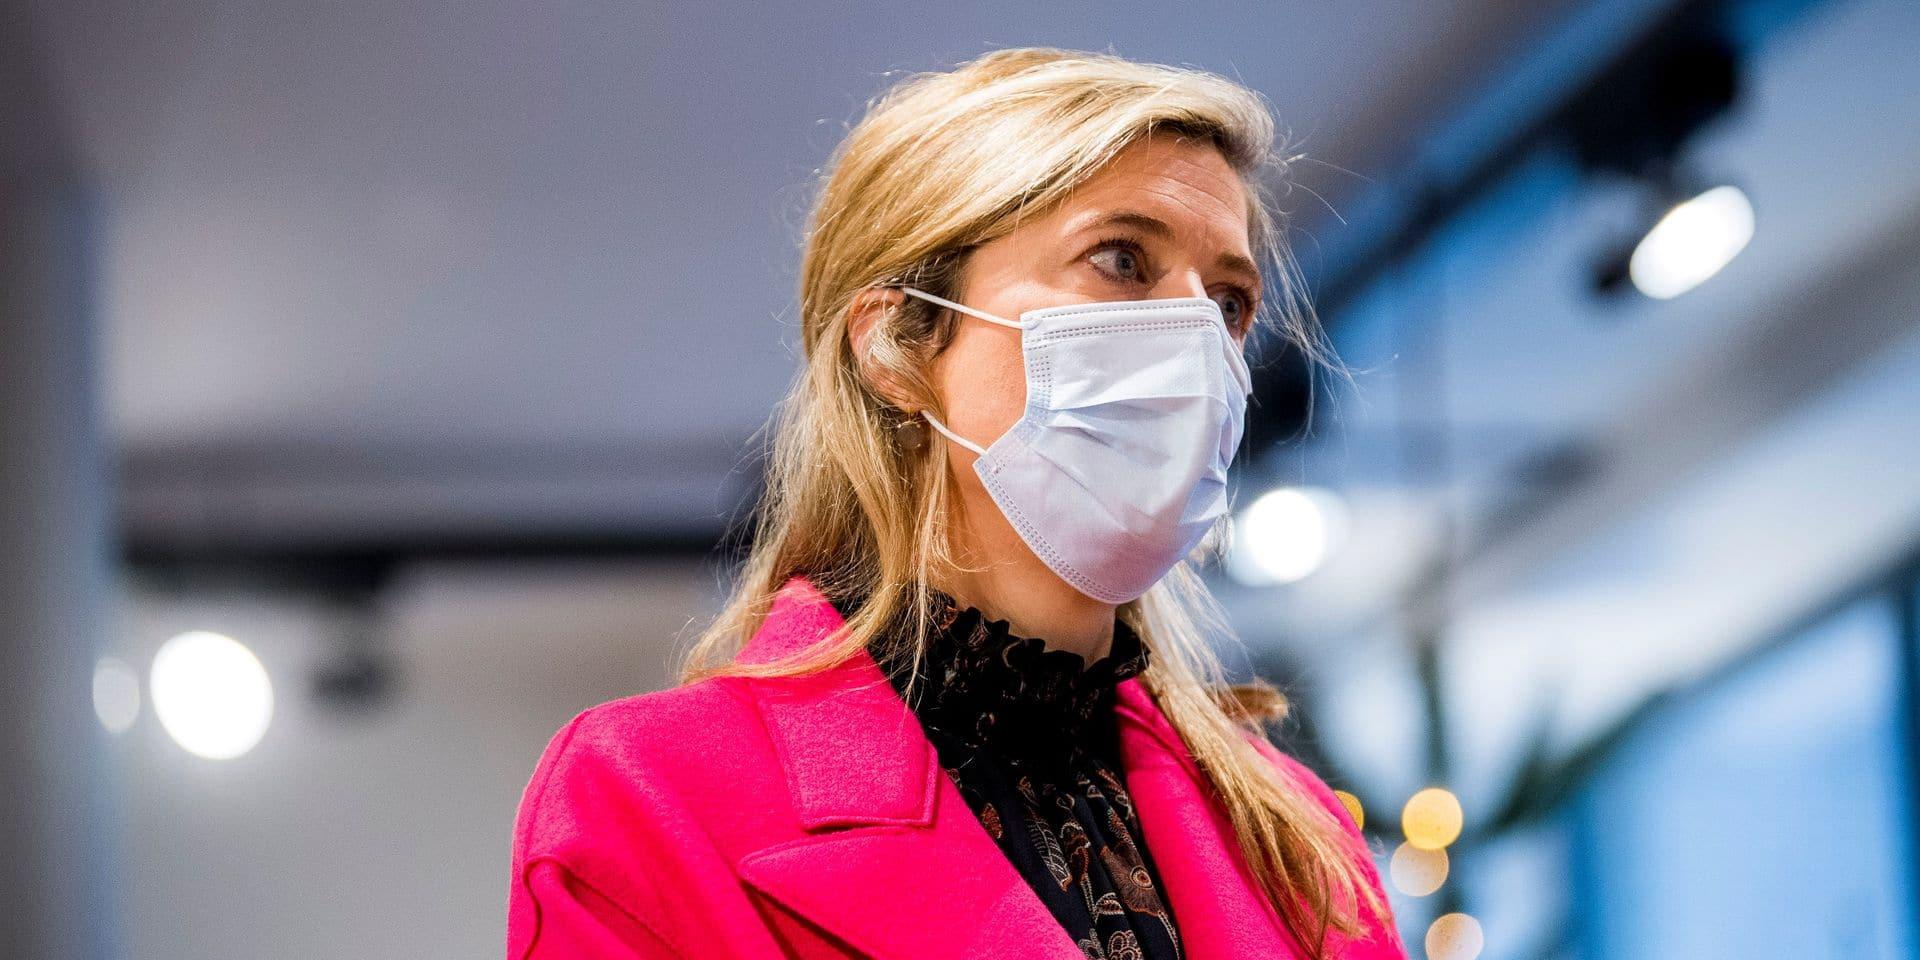 """Annelies Verlinden met les Belges en garde: """"Les hôpitaux et l'économie ne sont plus en mesure de faire face à une troisième vague"""""""